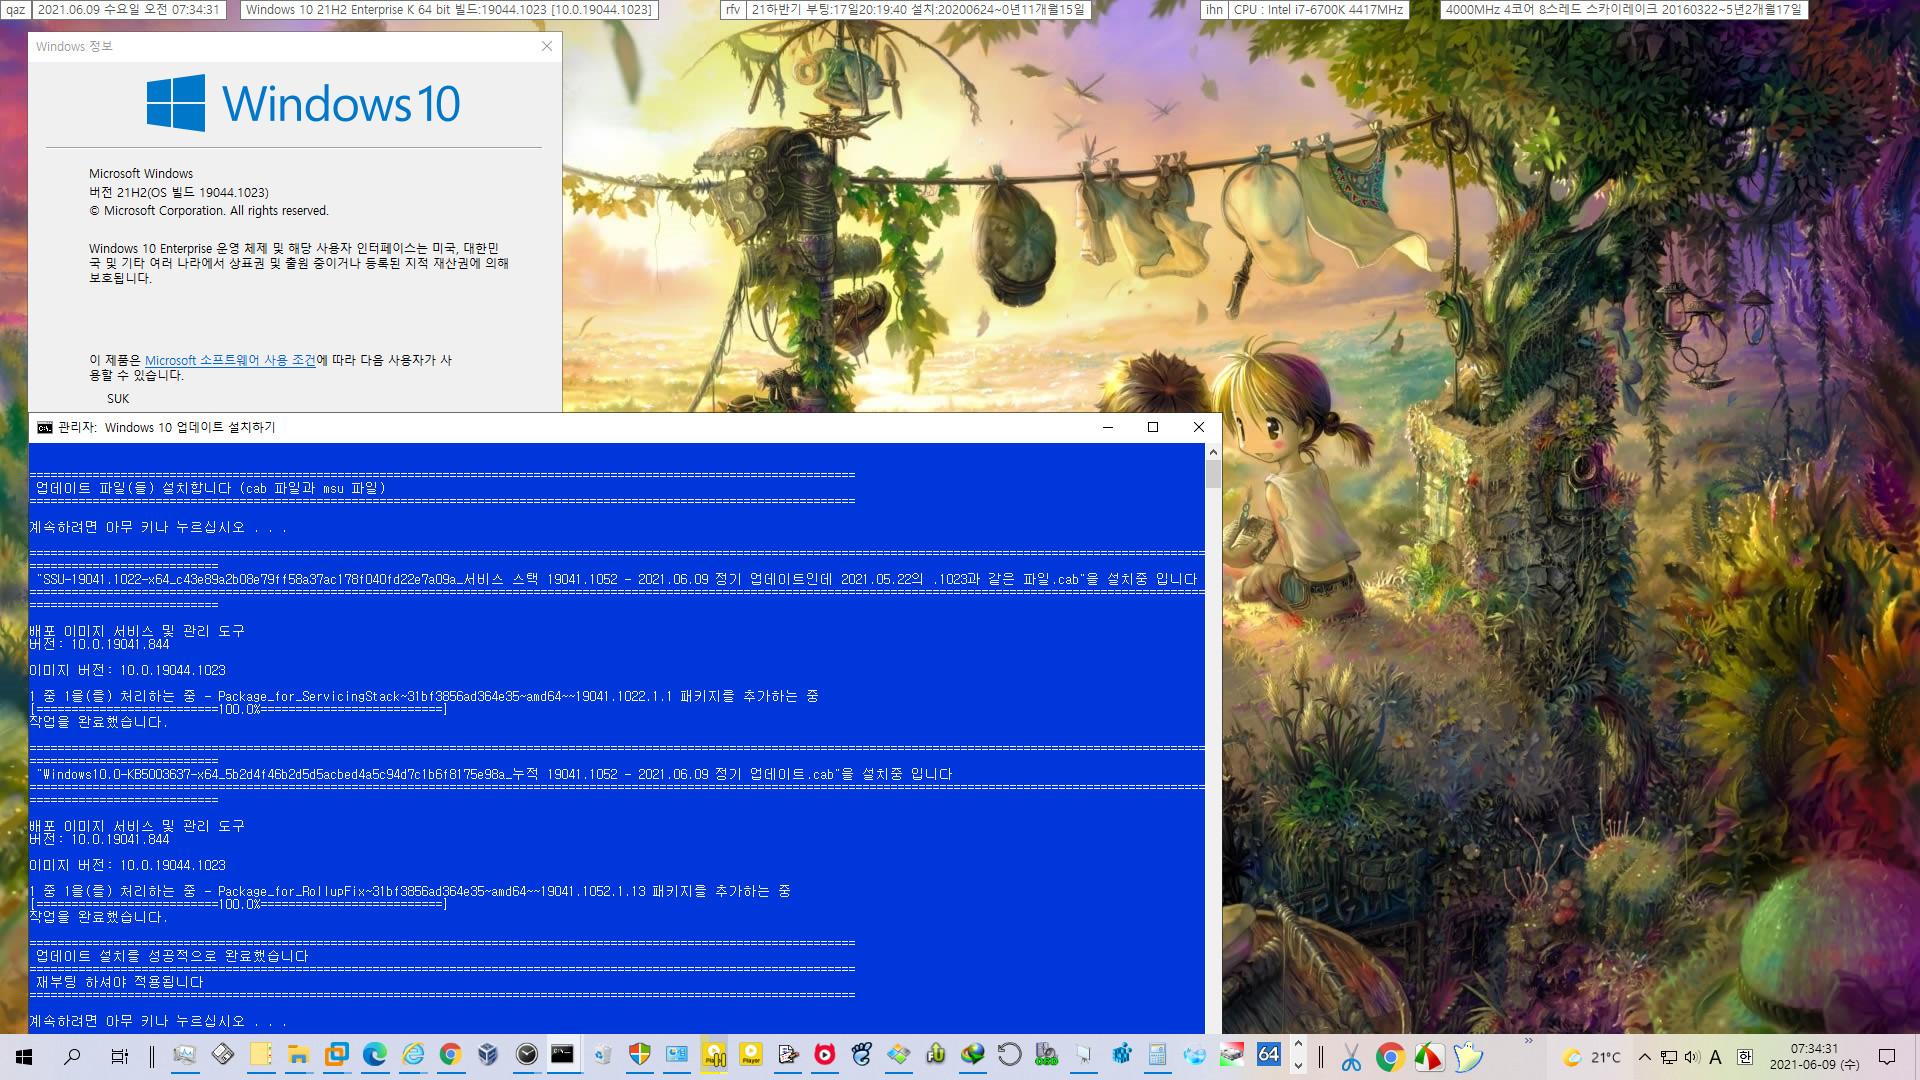 2021-06-09 수요일 정기 업데이트 - Windows 10 버전 21H2 (OS 빌드 19044.1052) - 공용 누적 업데이트 KB5003637 - 실컴에 설치 2021-06-09_073431.jpg